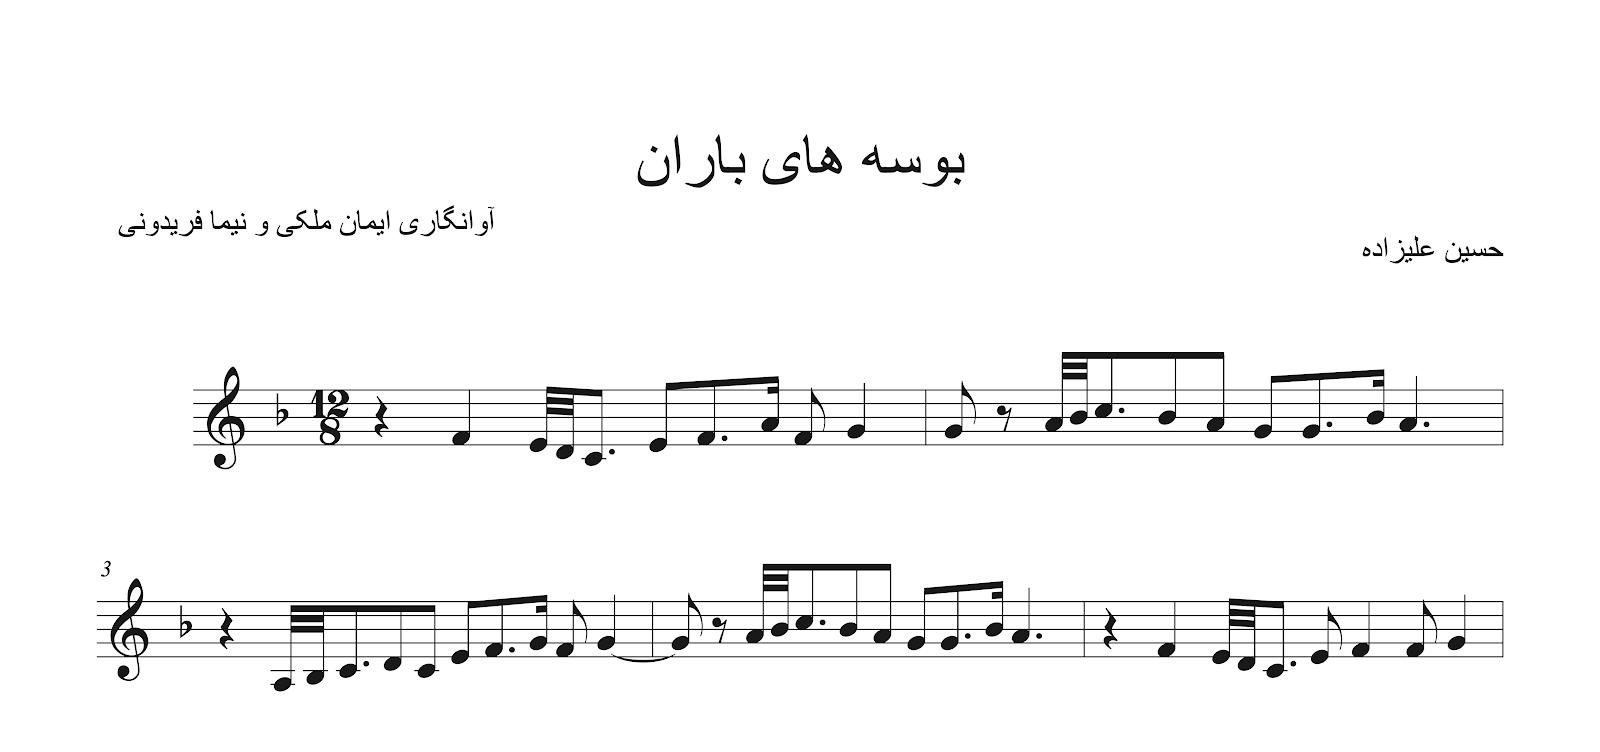 نت بوسههای باران حسین علیزاده راستپنجگاه فا با حاشیهنگاری نیما فریدونی